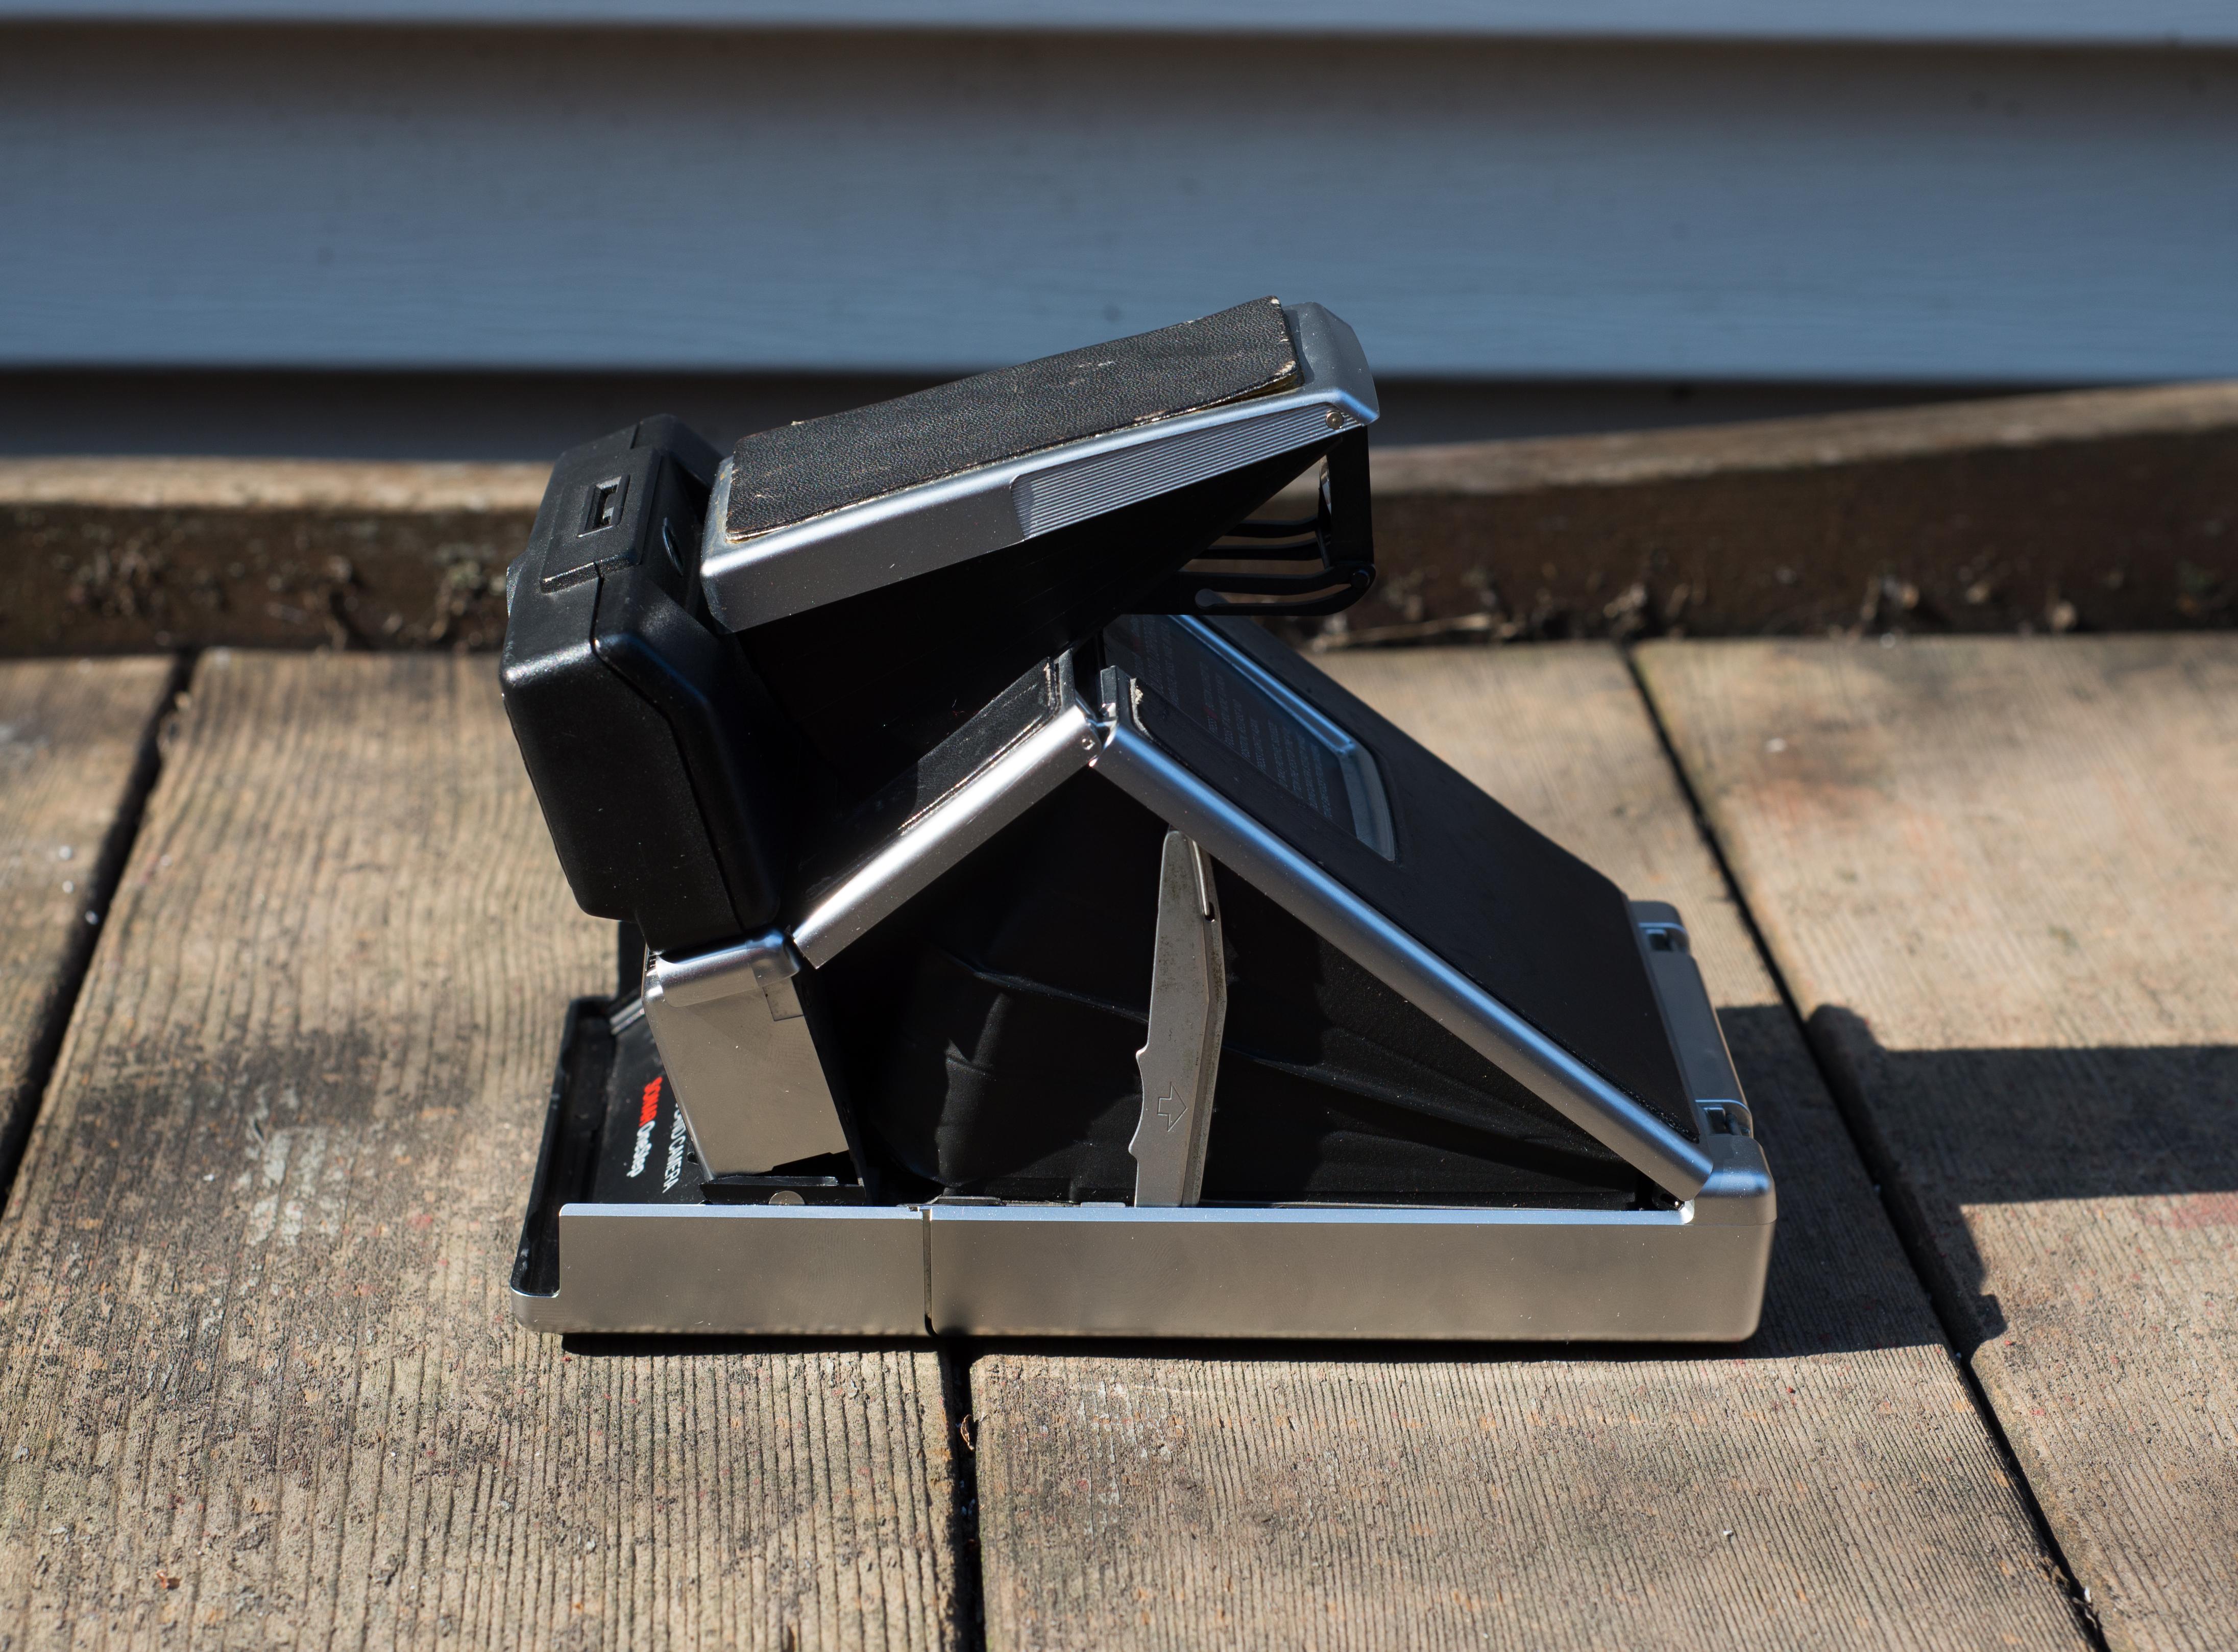 How To Use Polaroid Snap >> Polaroid SX-70 Sonar Land Camera Review